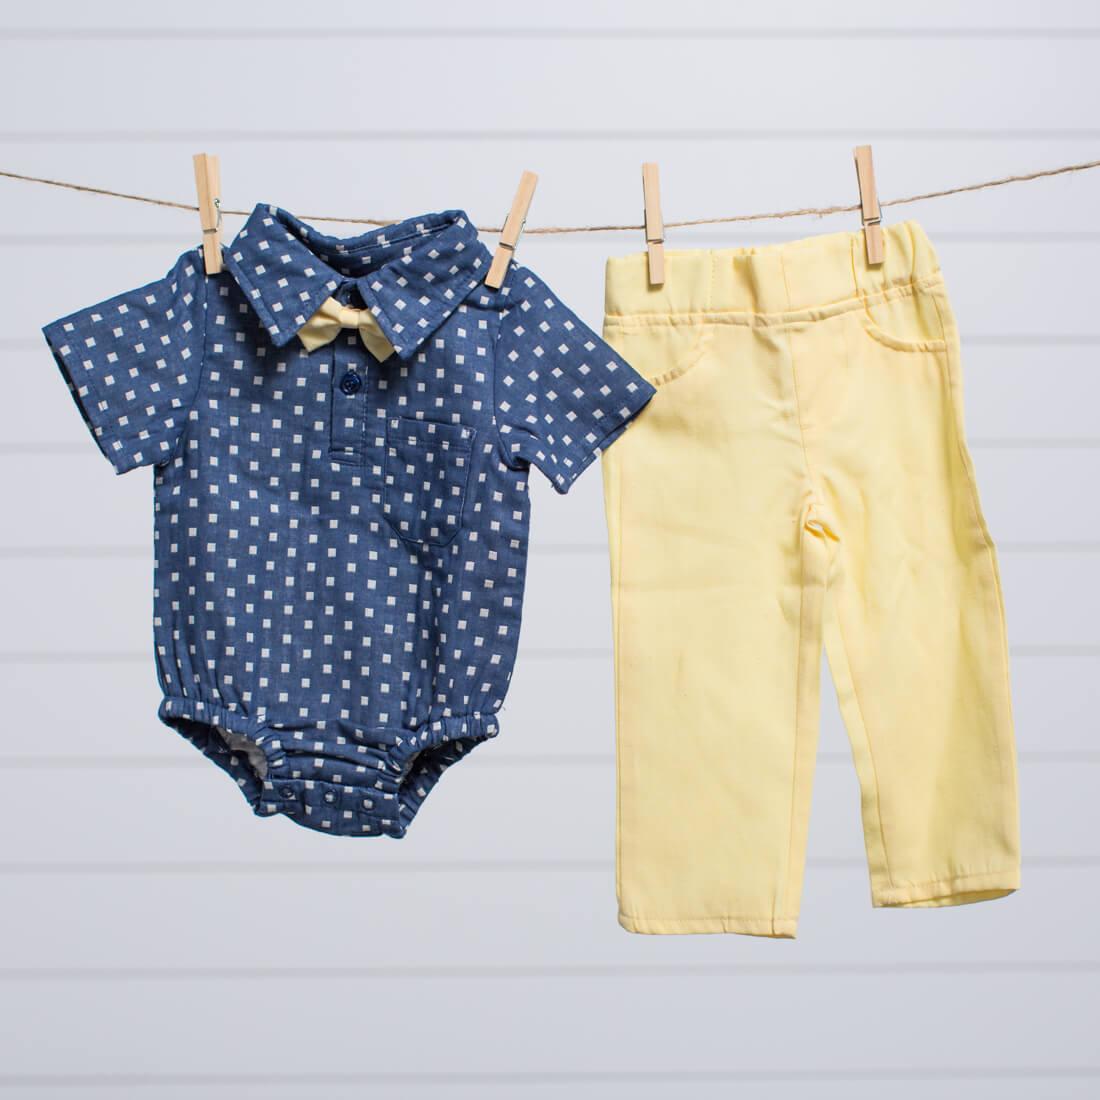 Shop Kids, Infants & Toddlers Sets